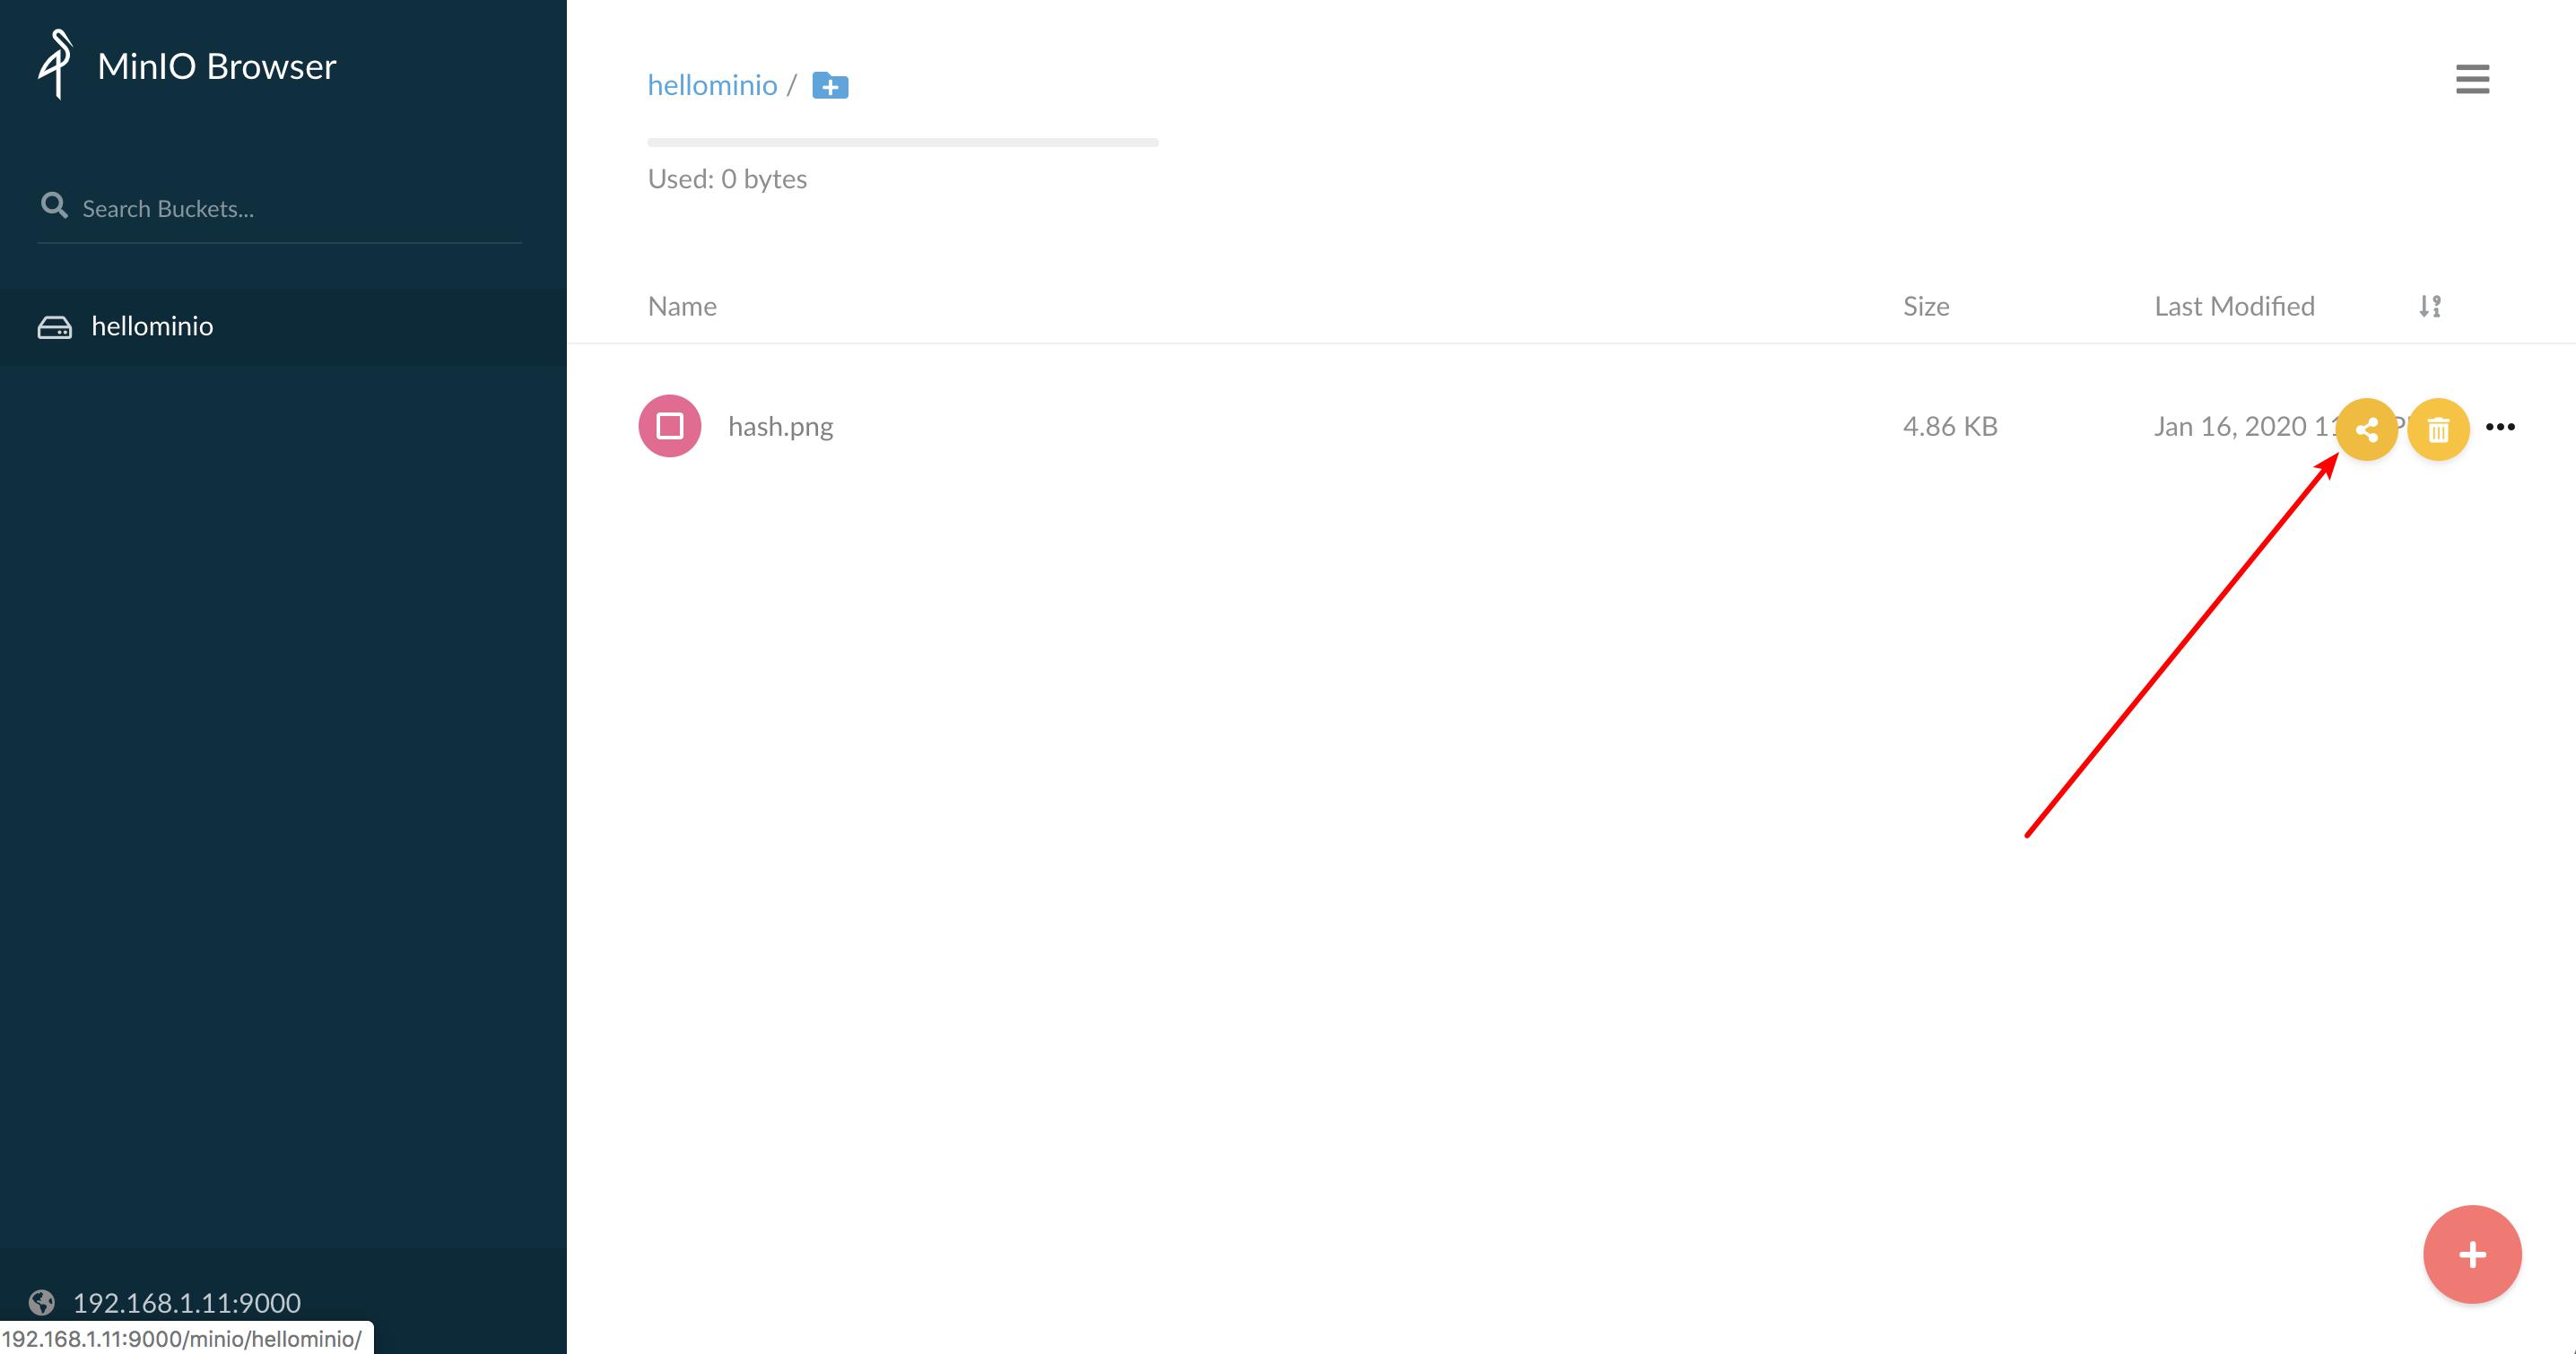 https://res.cloudinary.com/lyp/image/upload/v1579189664/hugo/blog.github.io/minio/shareButton.png